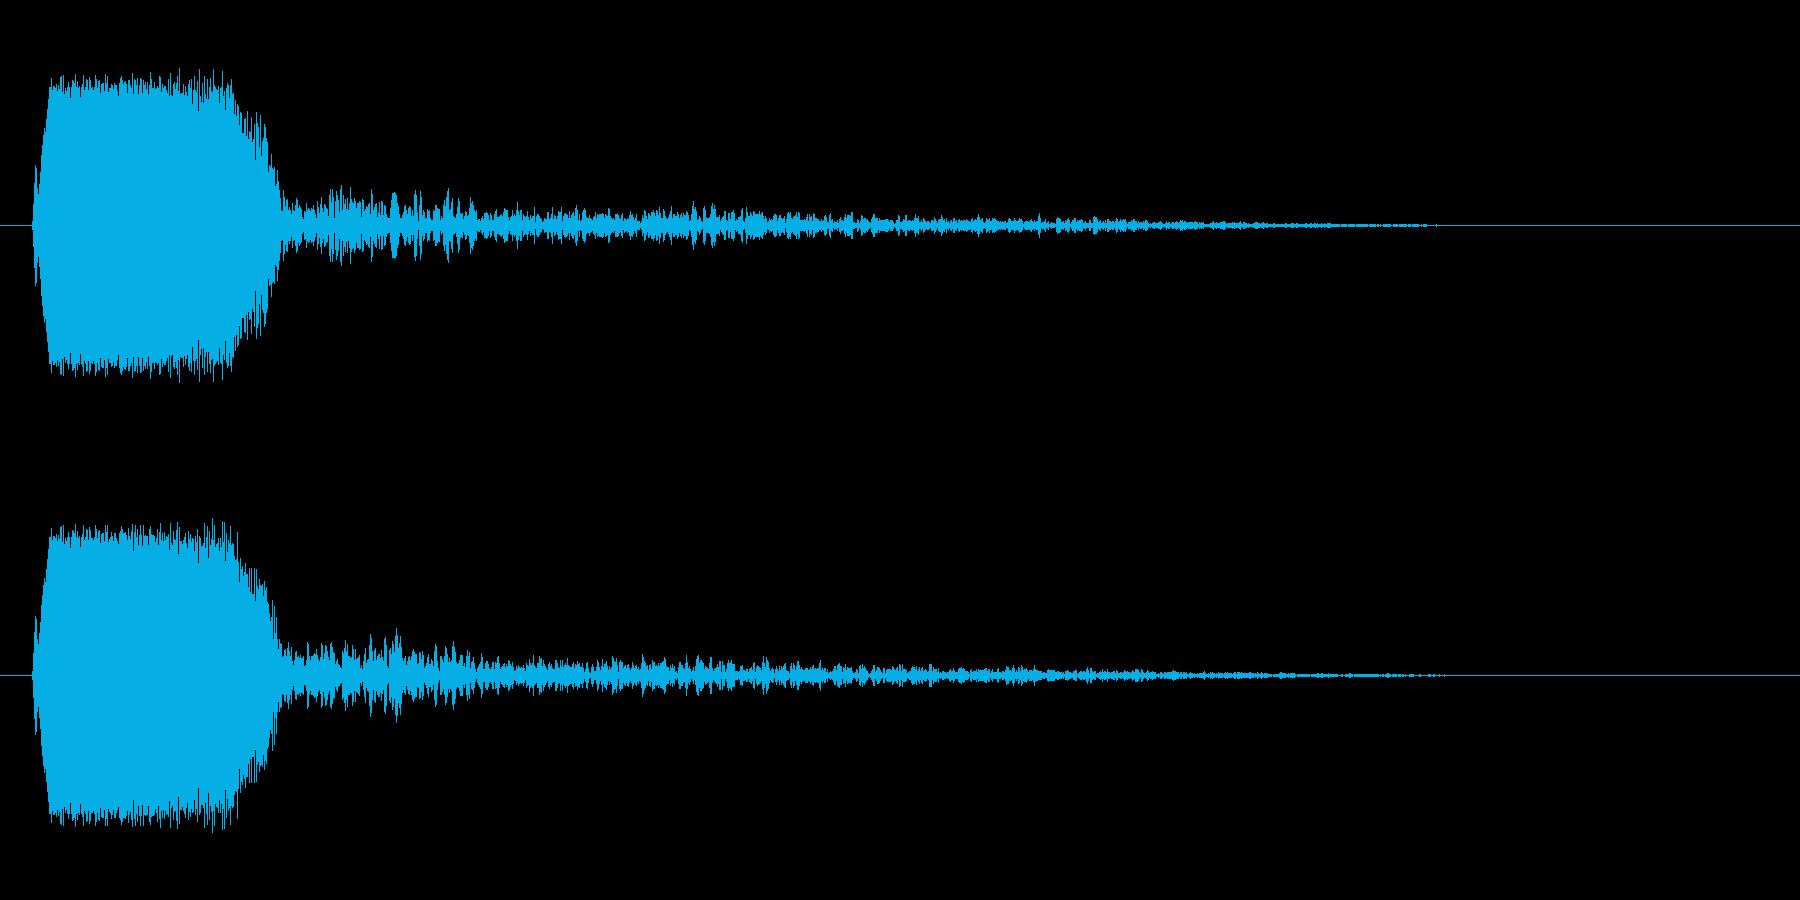 チュン!(シンプルに鳴く小鳥の声)の再生済みの波形